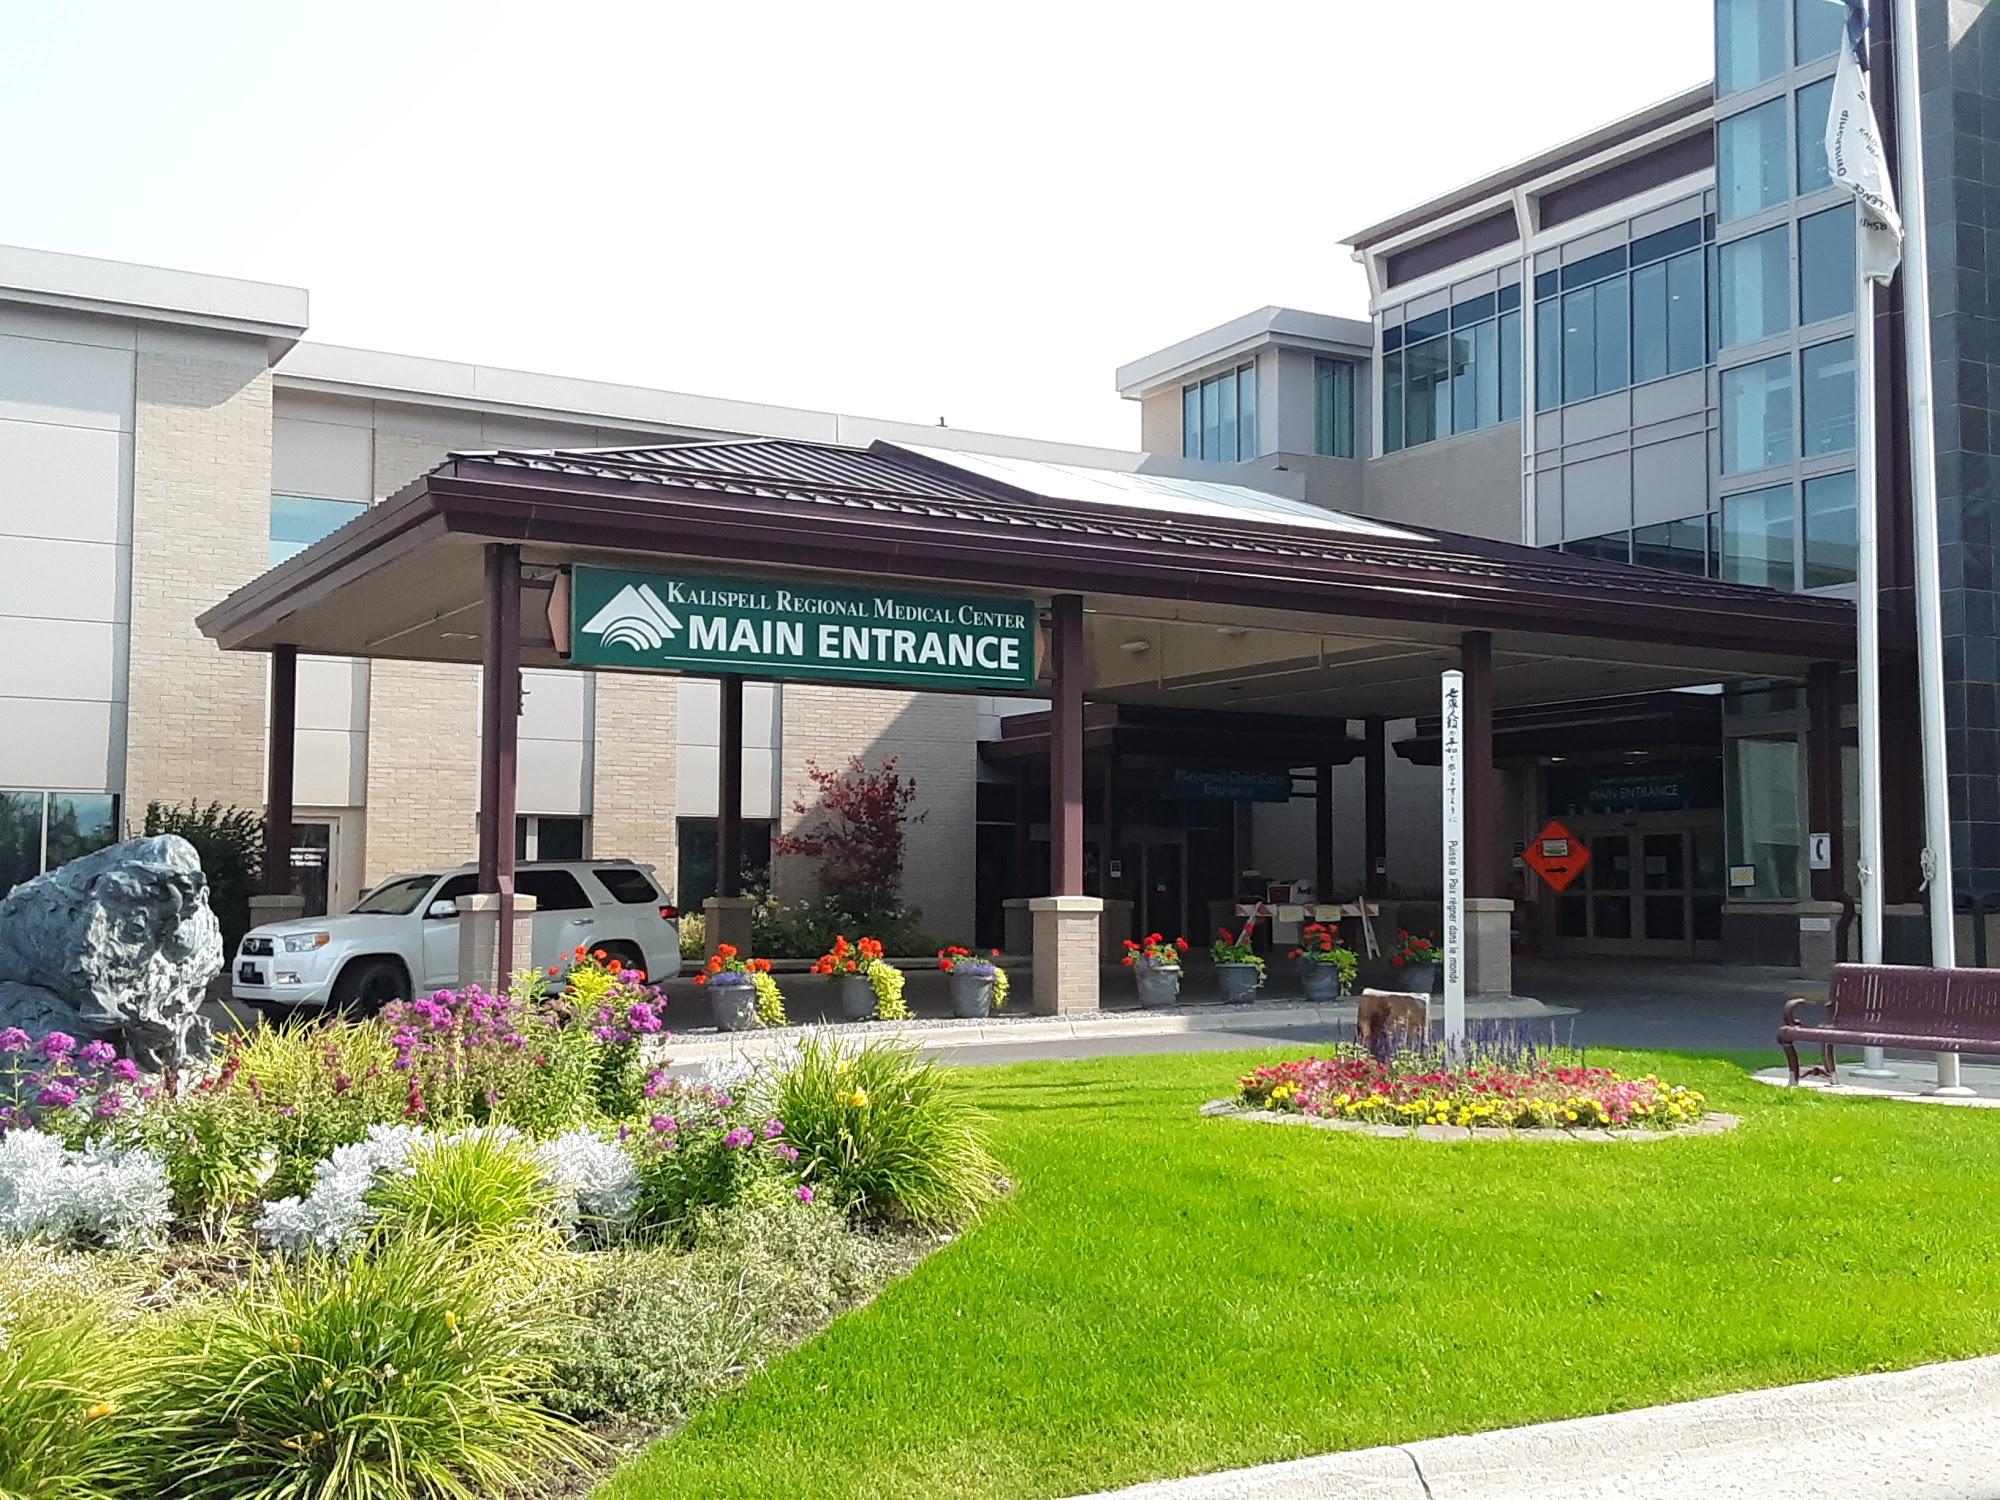 Kalispell Regional Medical Center 310 Sunnyview Ln, Kalispell